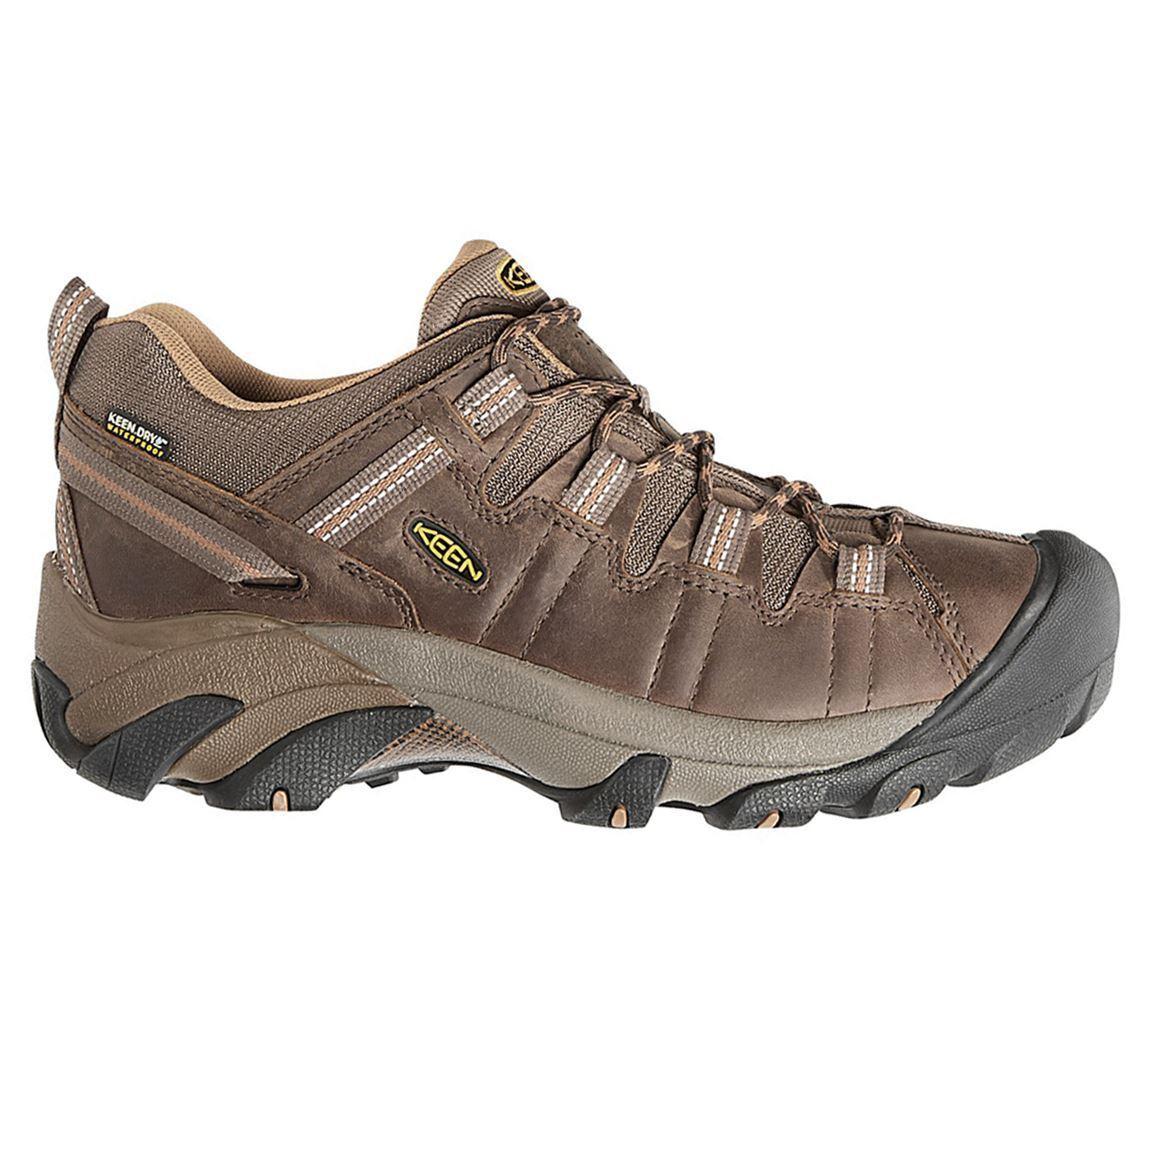 Keen Targhee II Waterproof Cascade Brown Brown Sugar Mens Leather Mesh Shoes